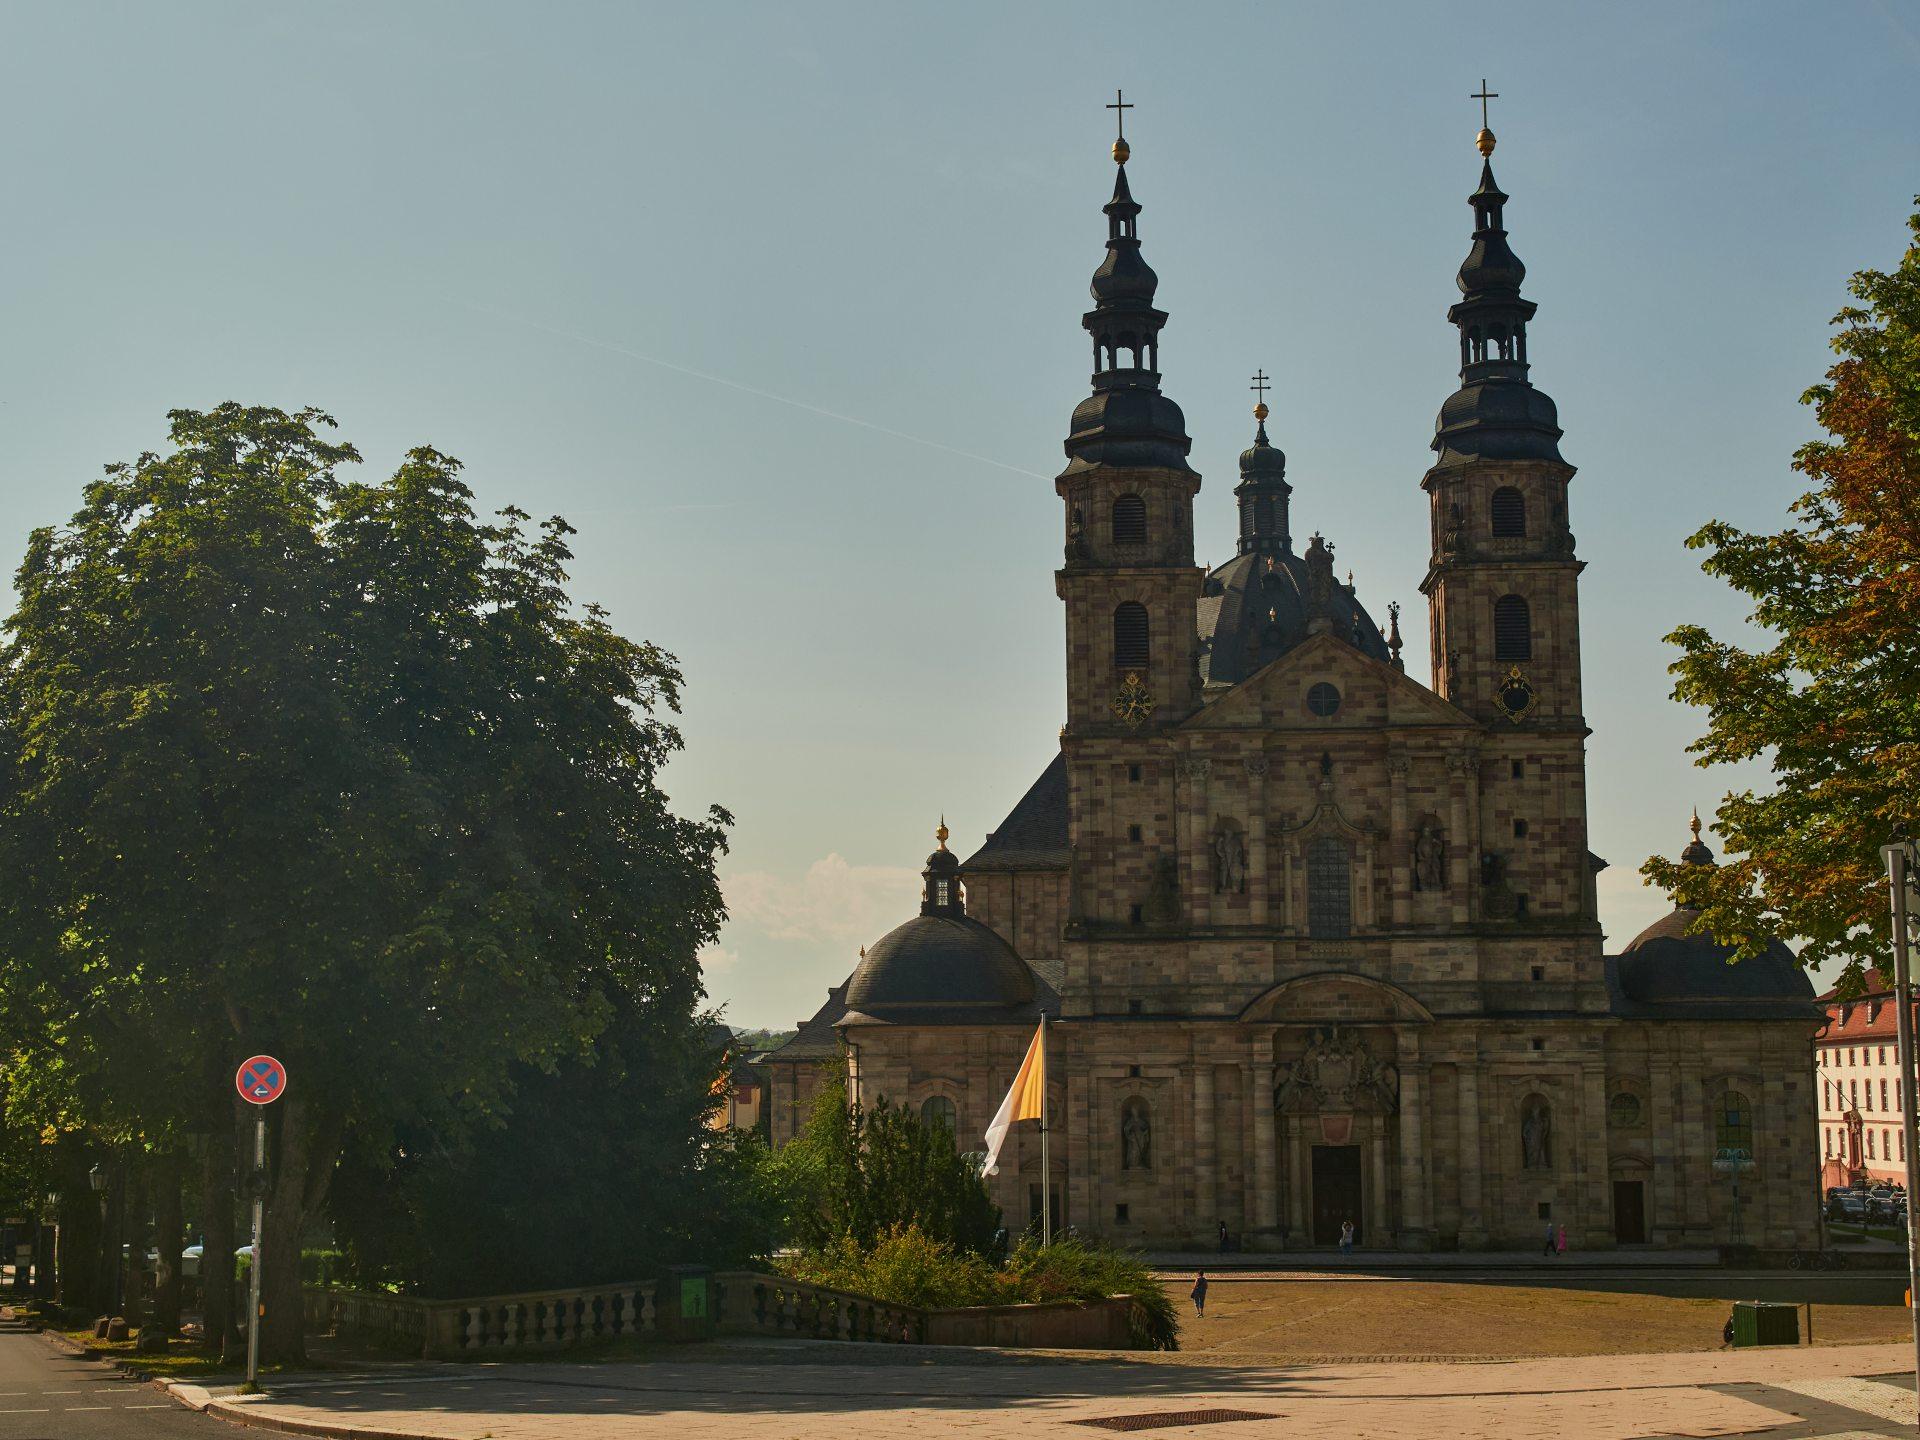 Dom und Domplatz